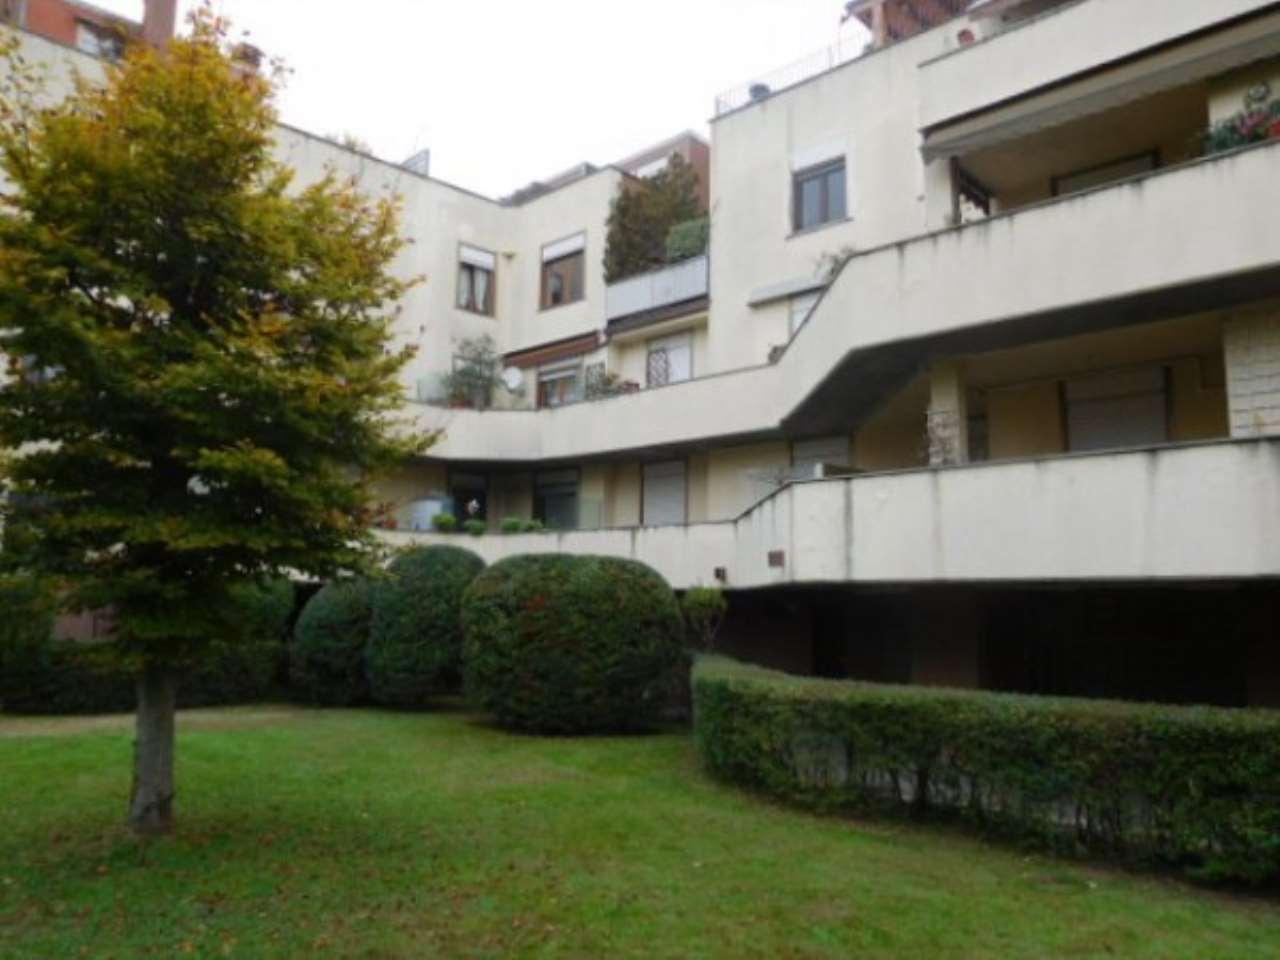 Appartamento in vendita a San Martino Siccomario, 4 locali, prezzo € 158.000 | CambioCasa.it